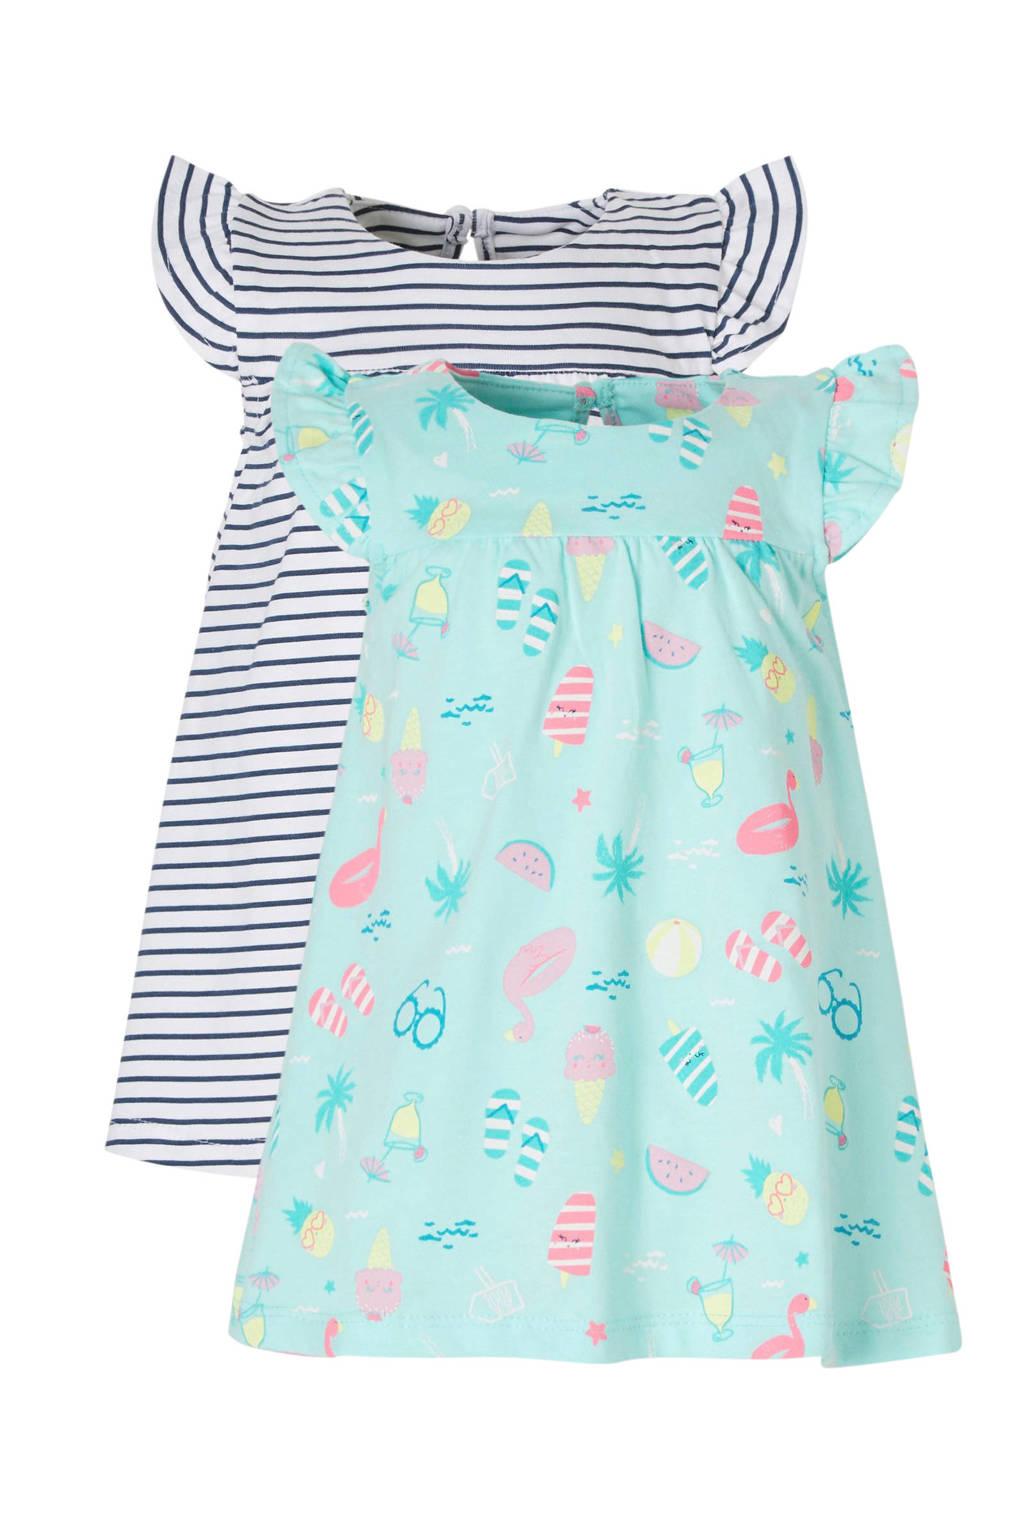 C&A Baby Club jurk - set van 2, lichtblauw/blauw/wit